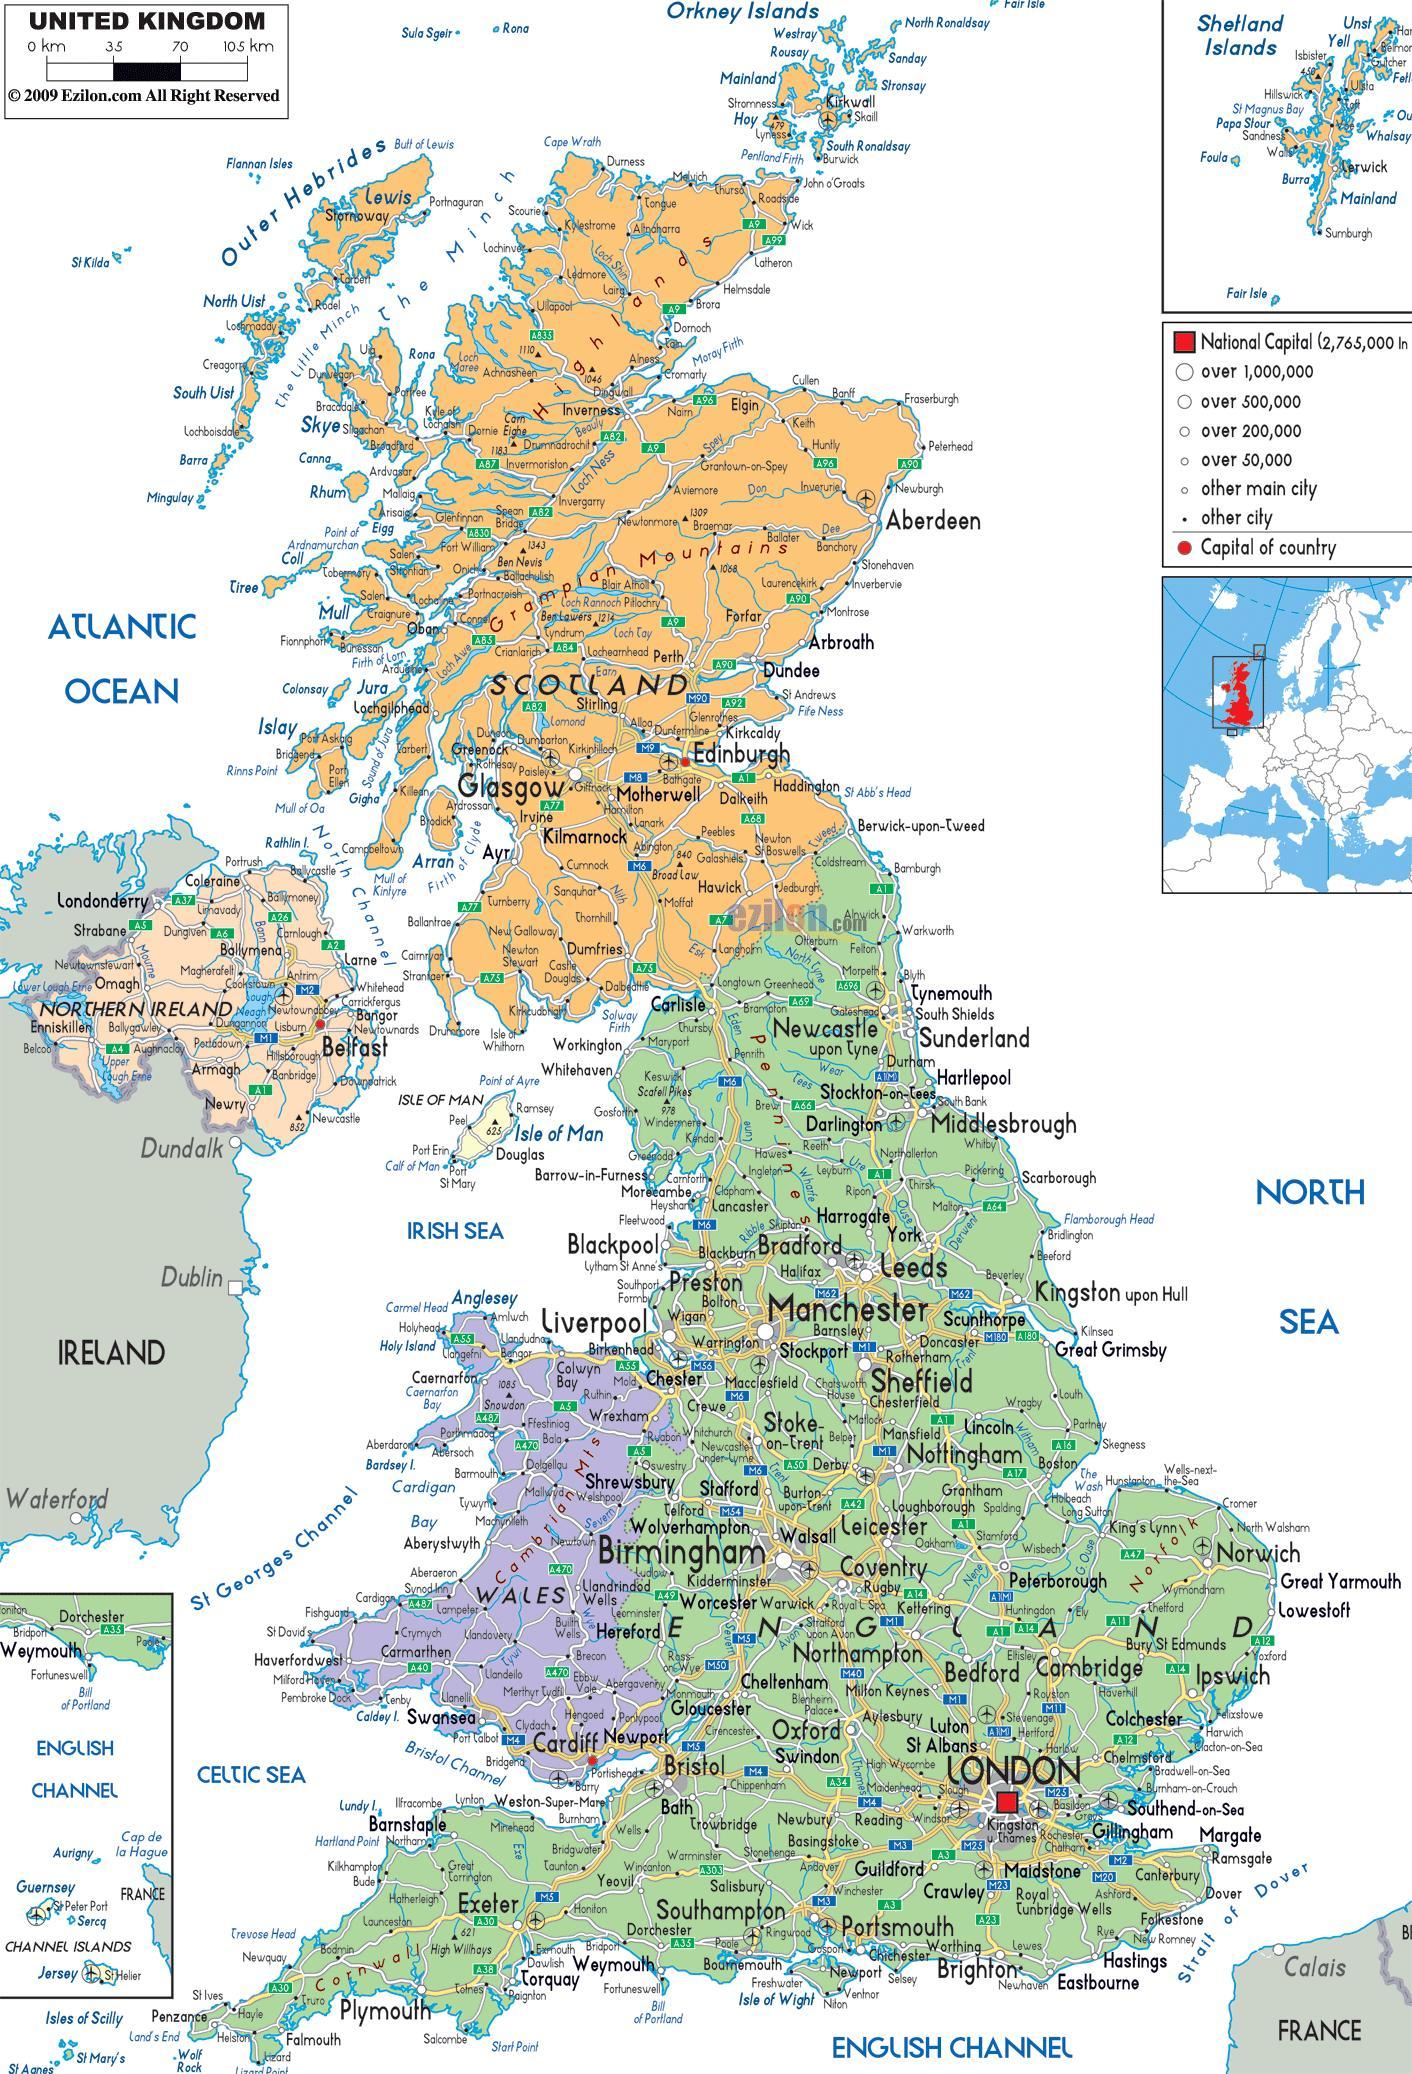 خريطة الشارع المملكة المتحدة الرمز البريدي المملكة المتحدة خريطة الشارع شمال أوروبا أوروبا